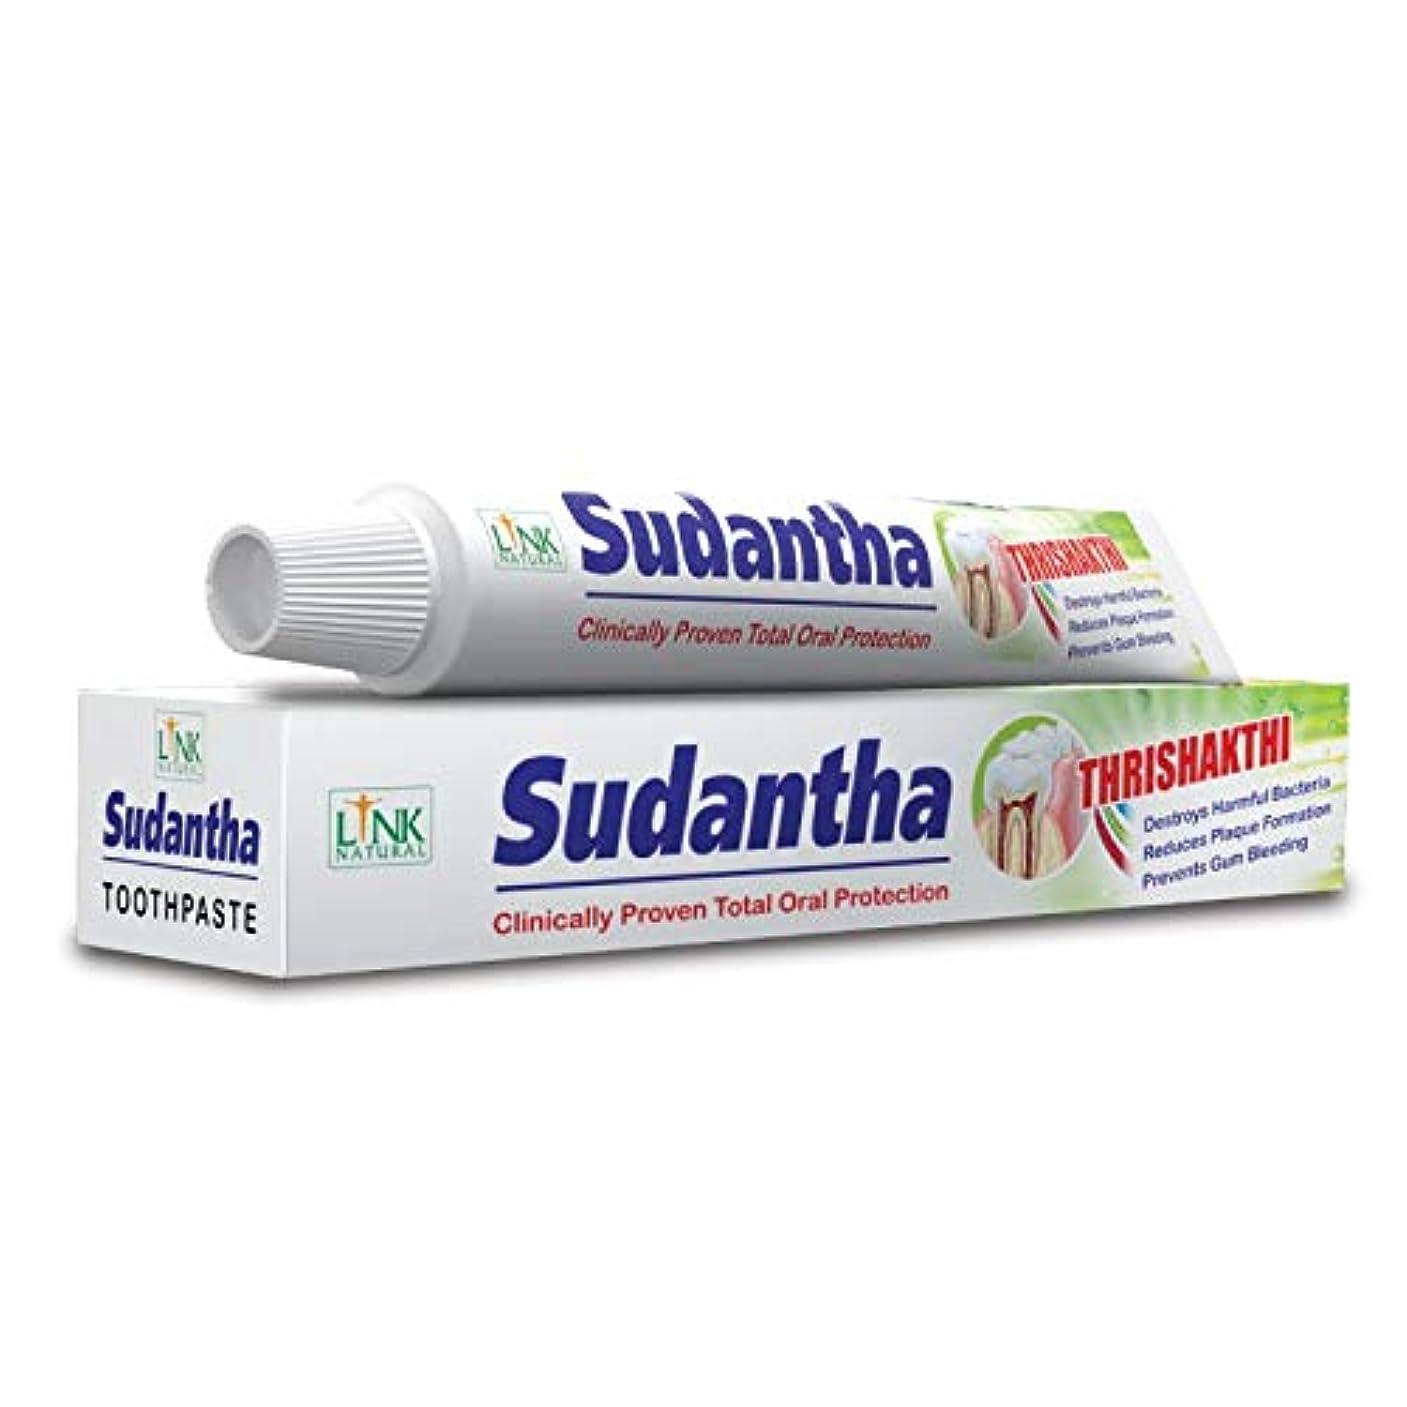 分割ボルト生き物2 x 80 g リンクSudanthaホメオパシーHerbal Toothpaste for合計Oral保護